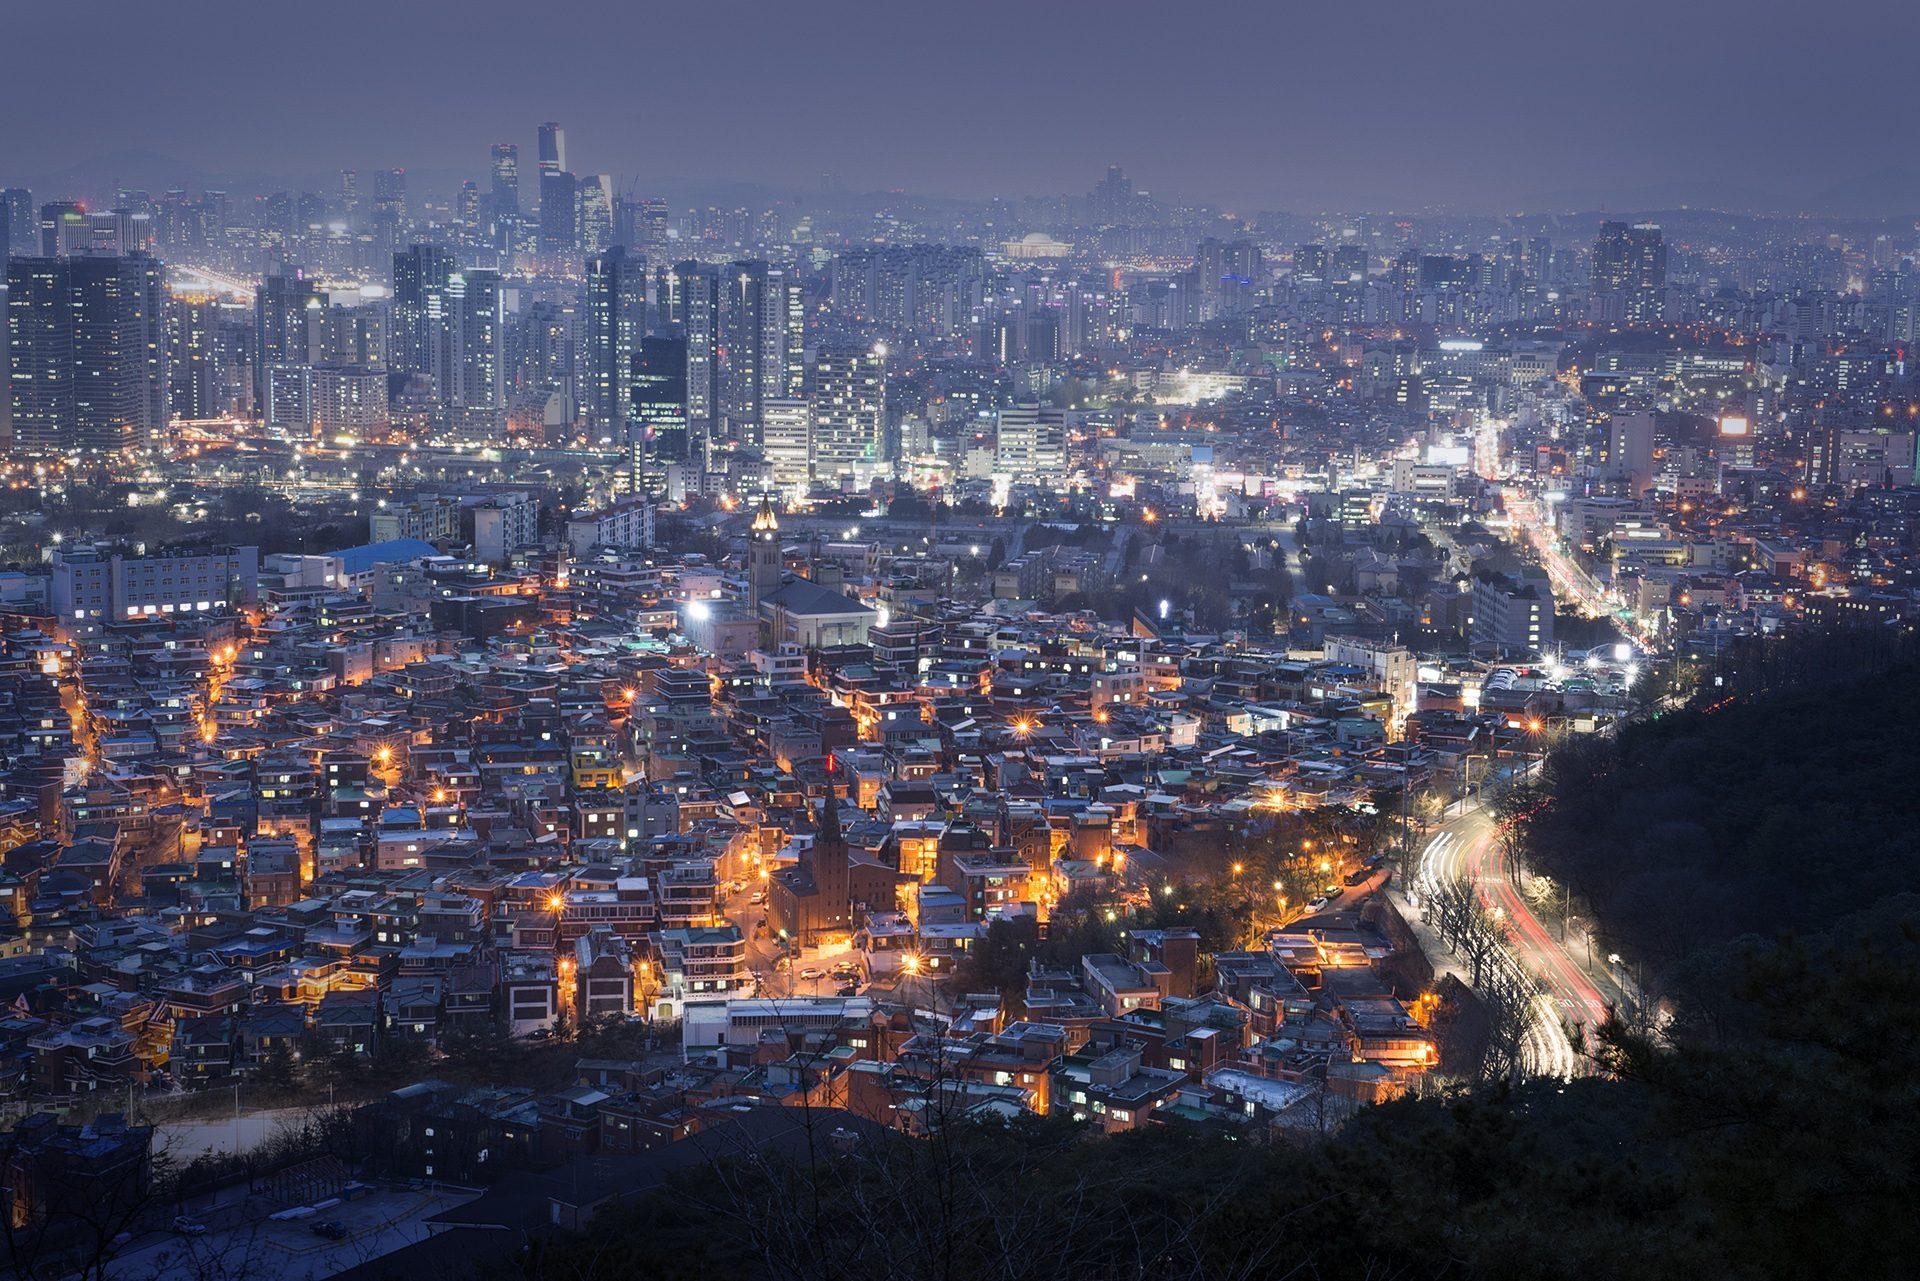 Città, notte, grattacielo, luci, agglomerazione - Sfondi HD - Professor-falken.com